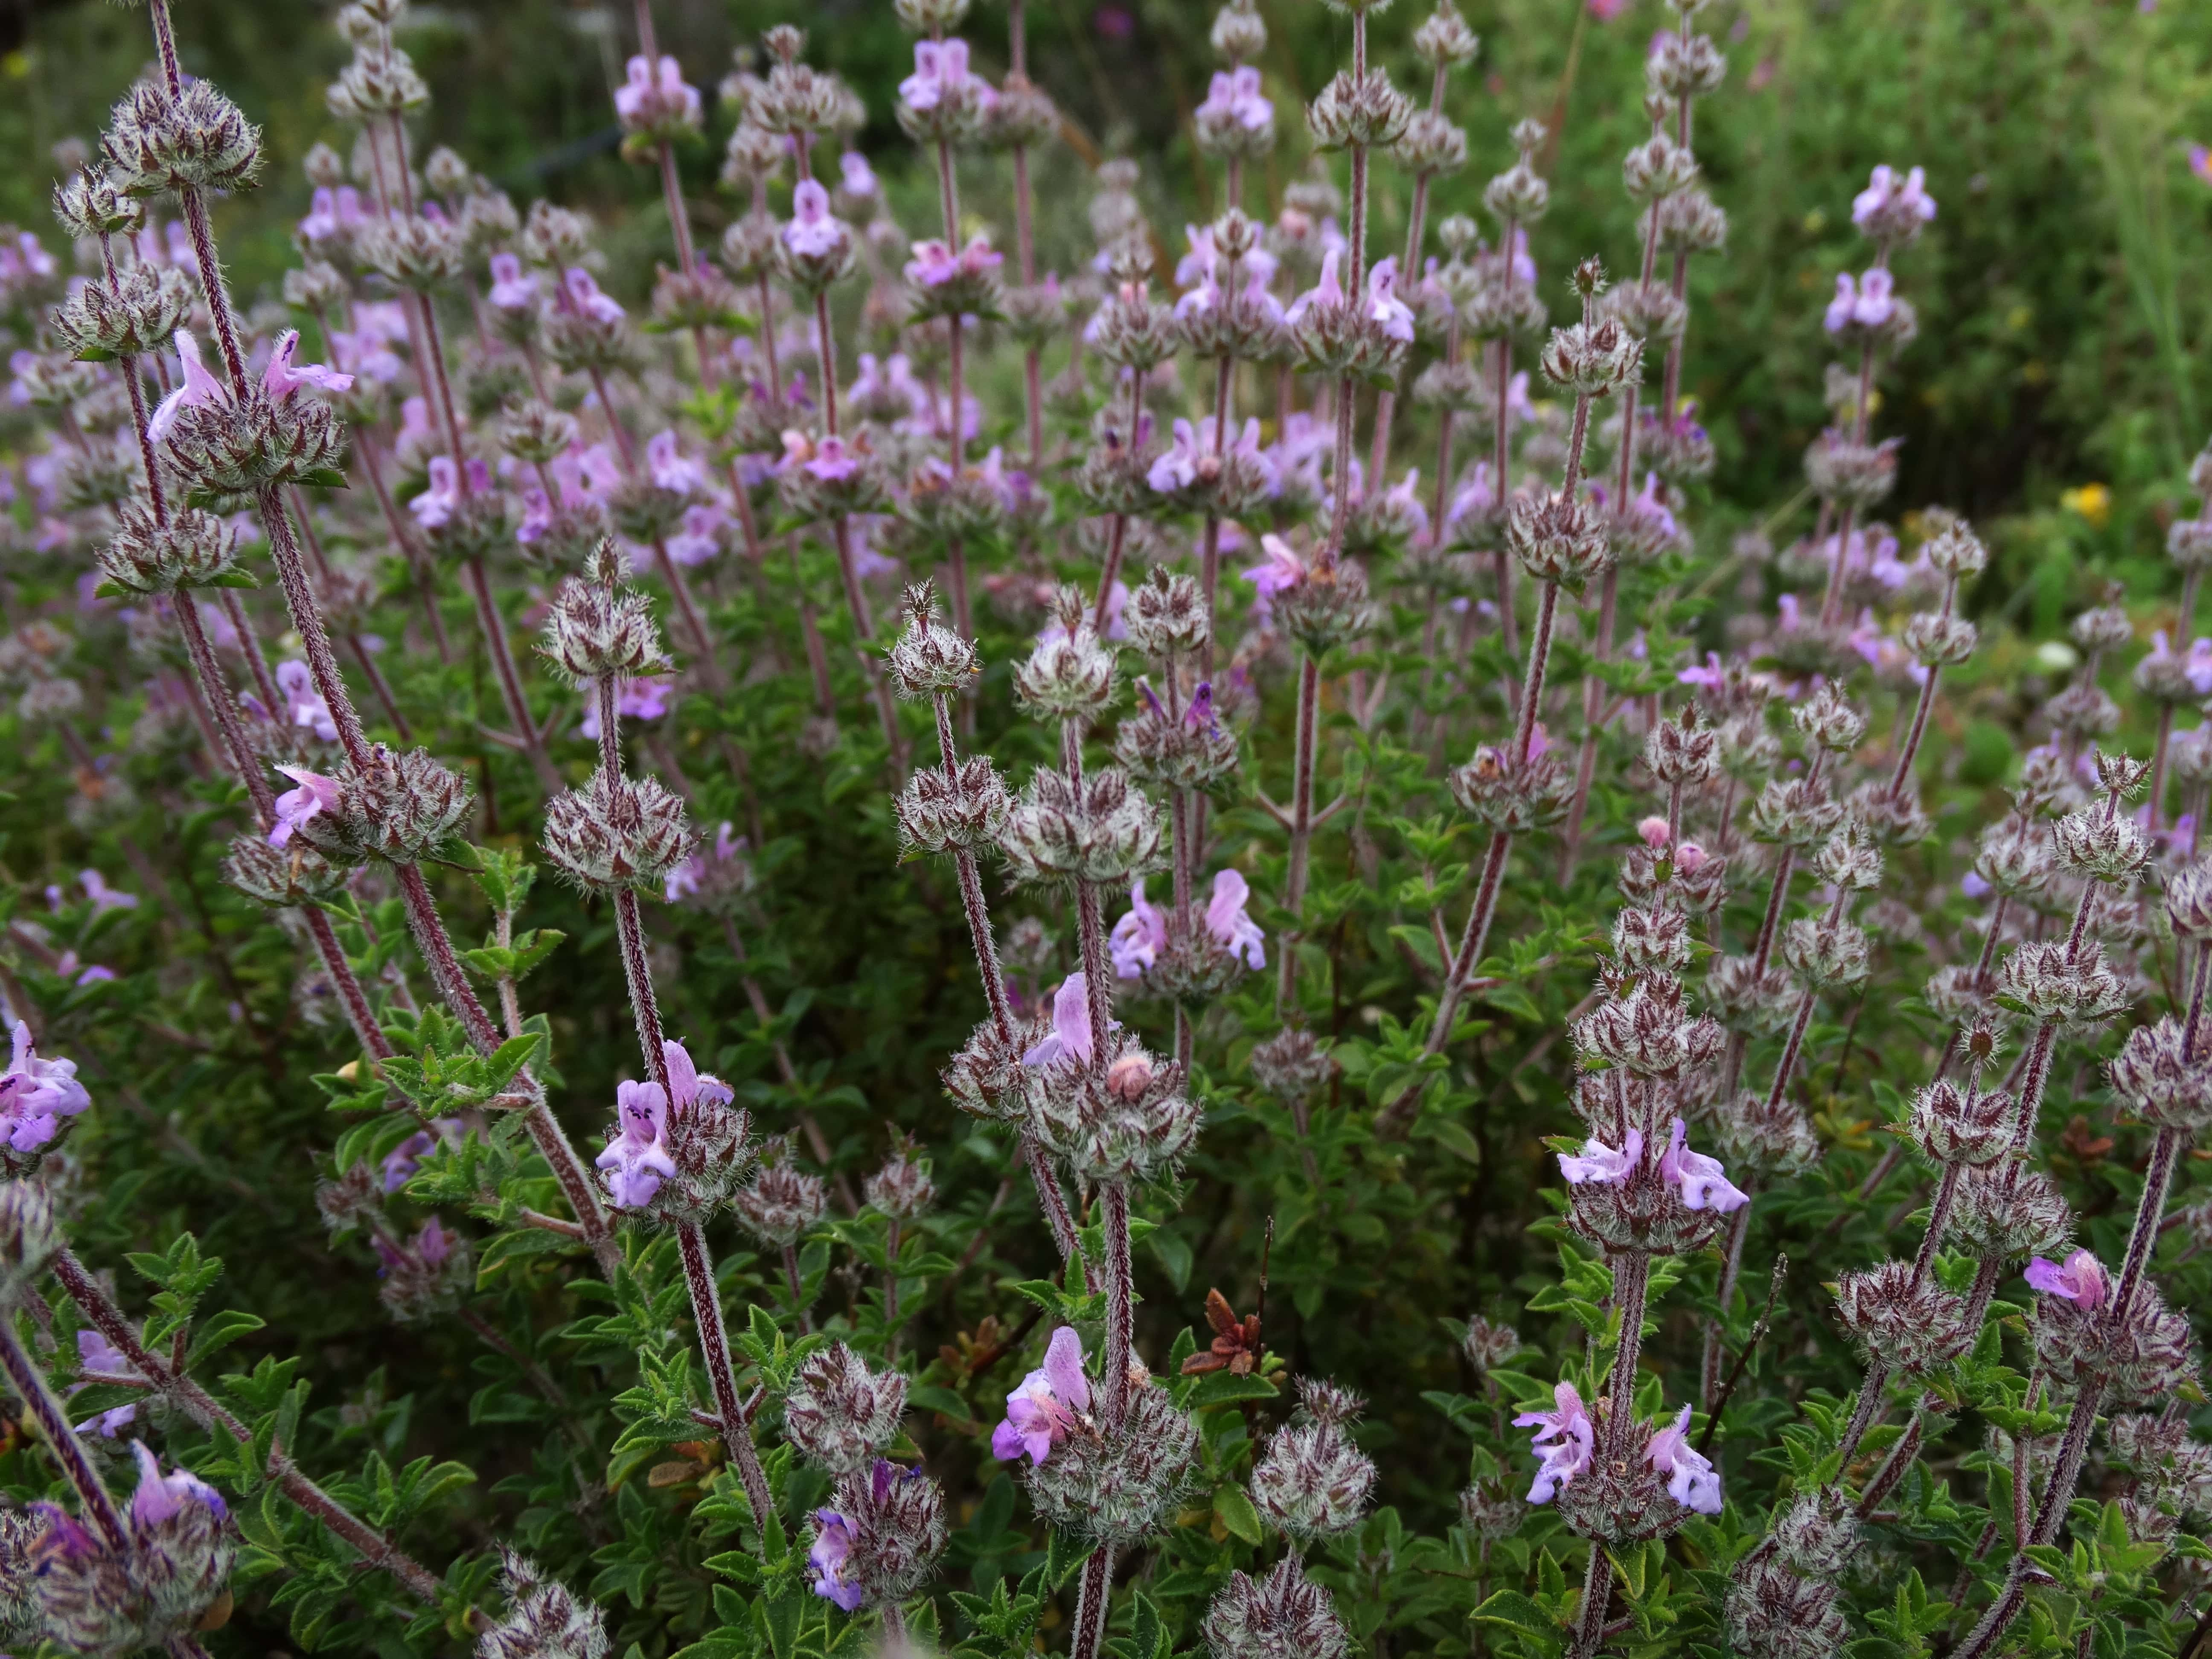 Чабер садовый, ароматный или огородный: что это такое, многолетняя культура или нет, каковы полезные свойства, как выглядит на фото и нюансы выращивания из семян